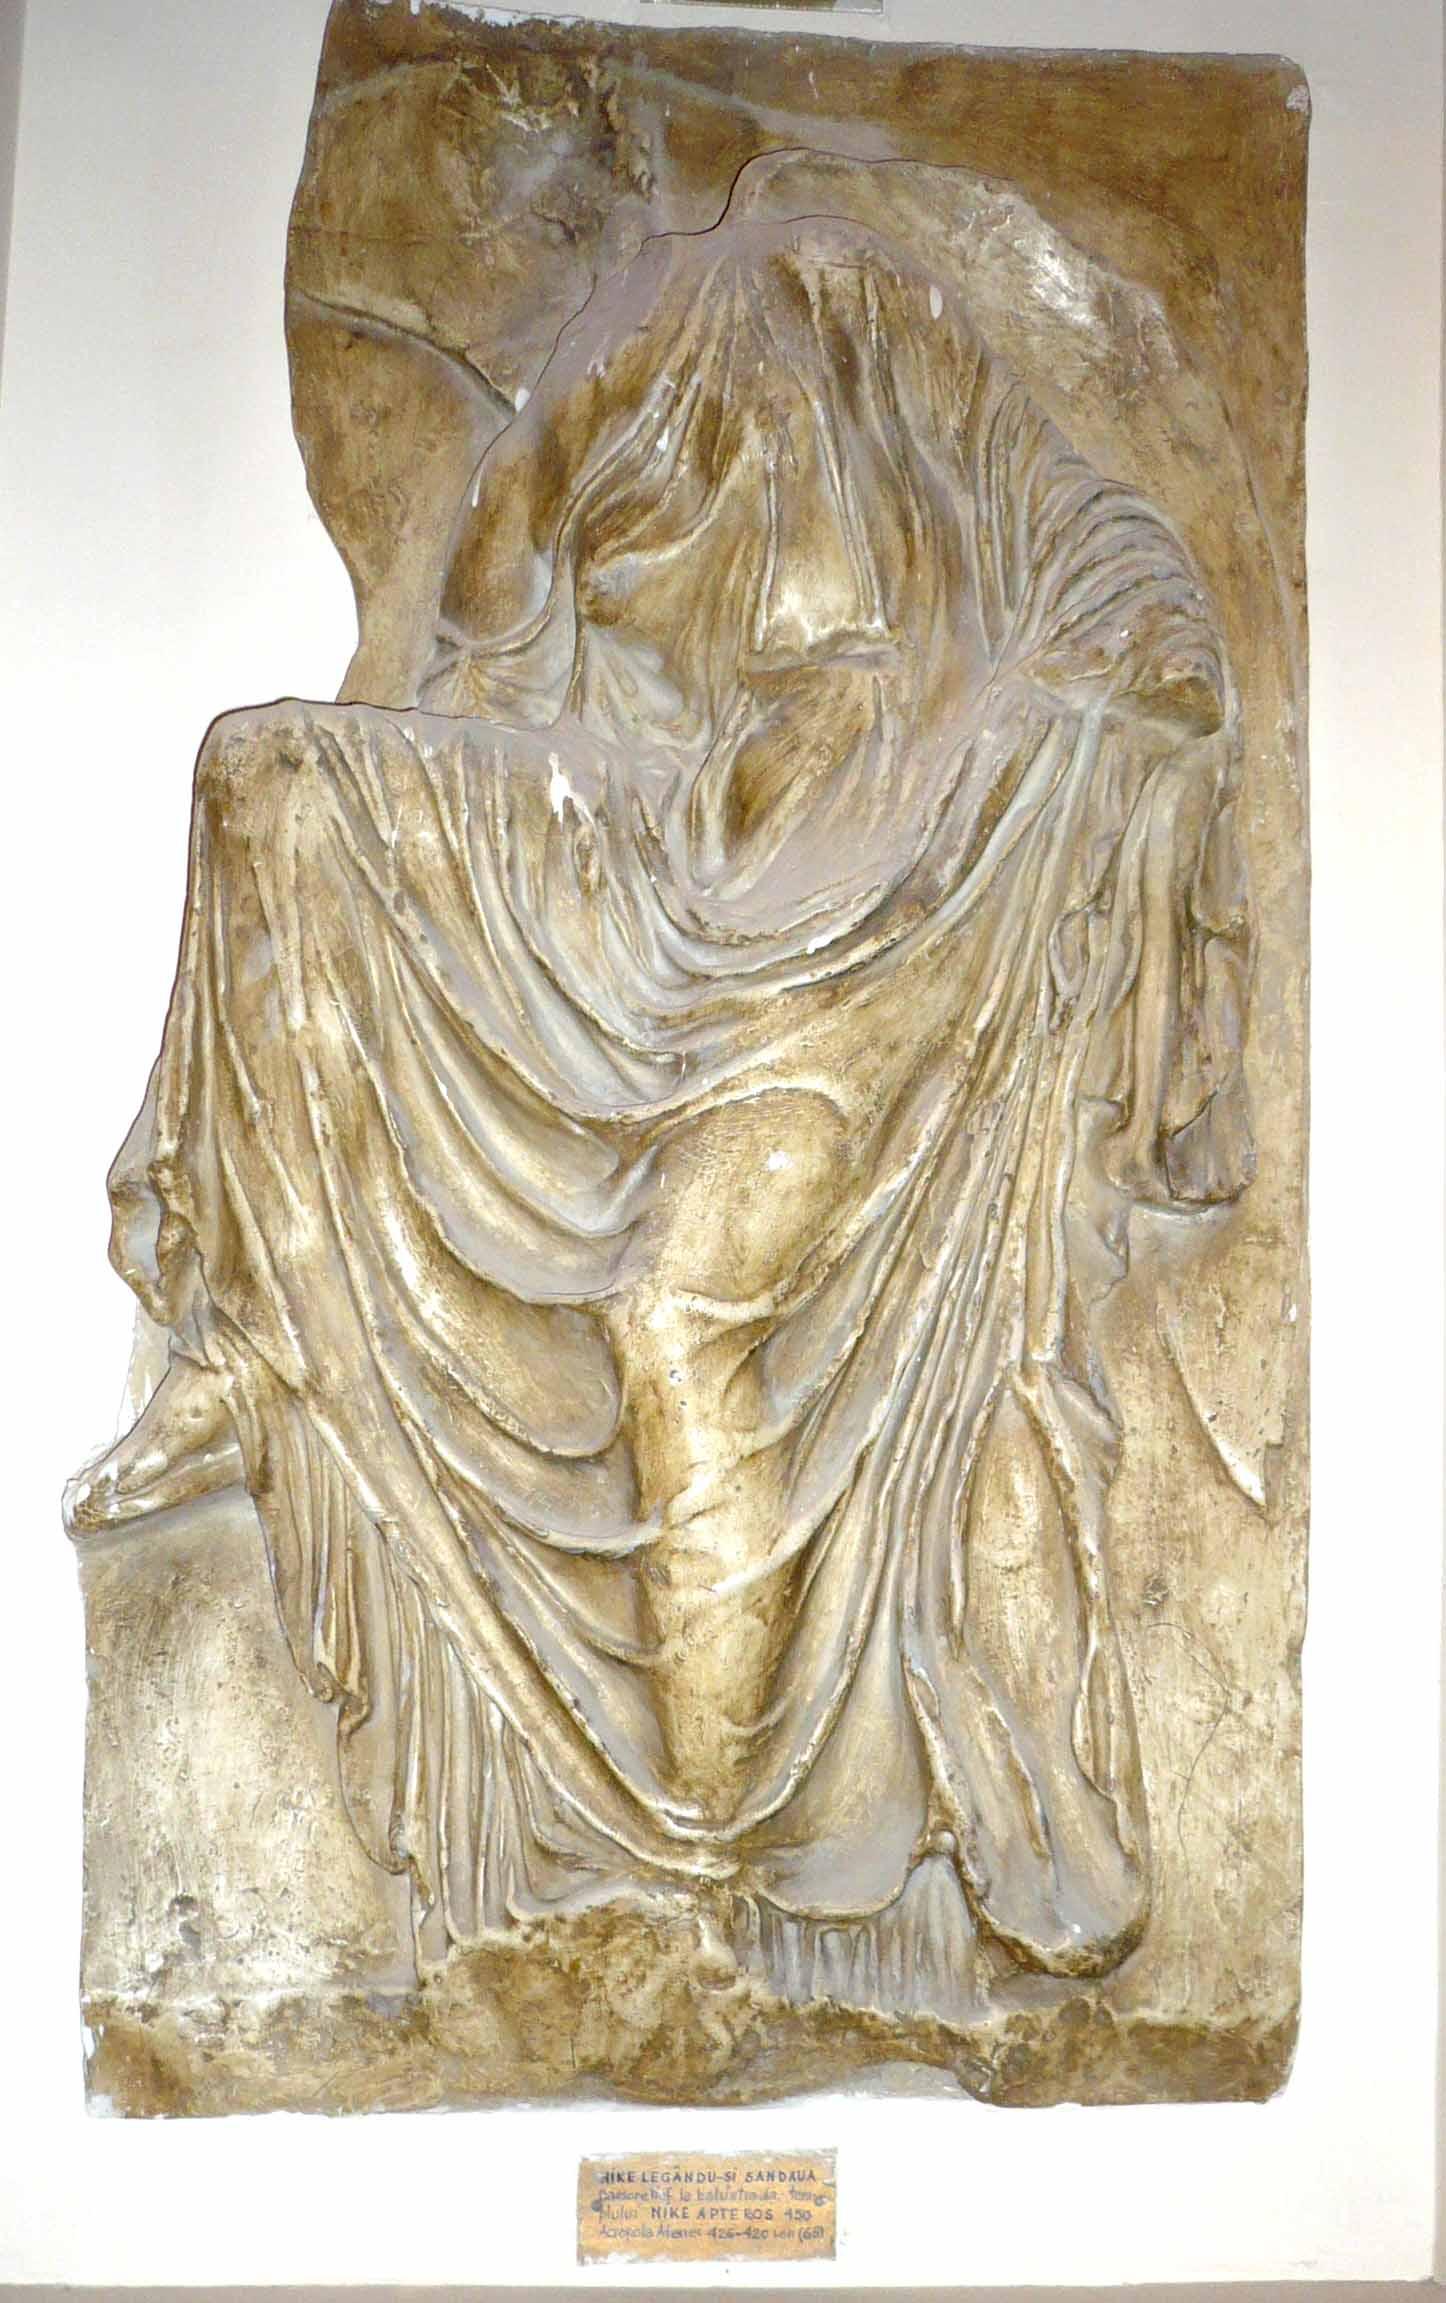 Nike (Victoria) legându-şi sandaua – Basorelief pe balustrada Templului Nike Apteros, Acropola Atenei (Copie în gips realizată în Muzeul Luvru)